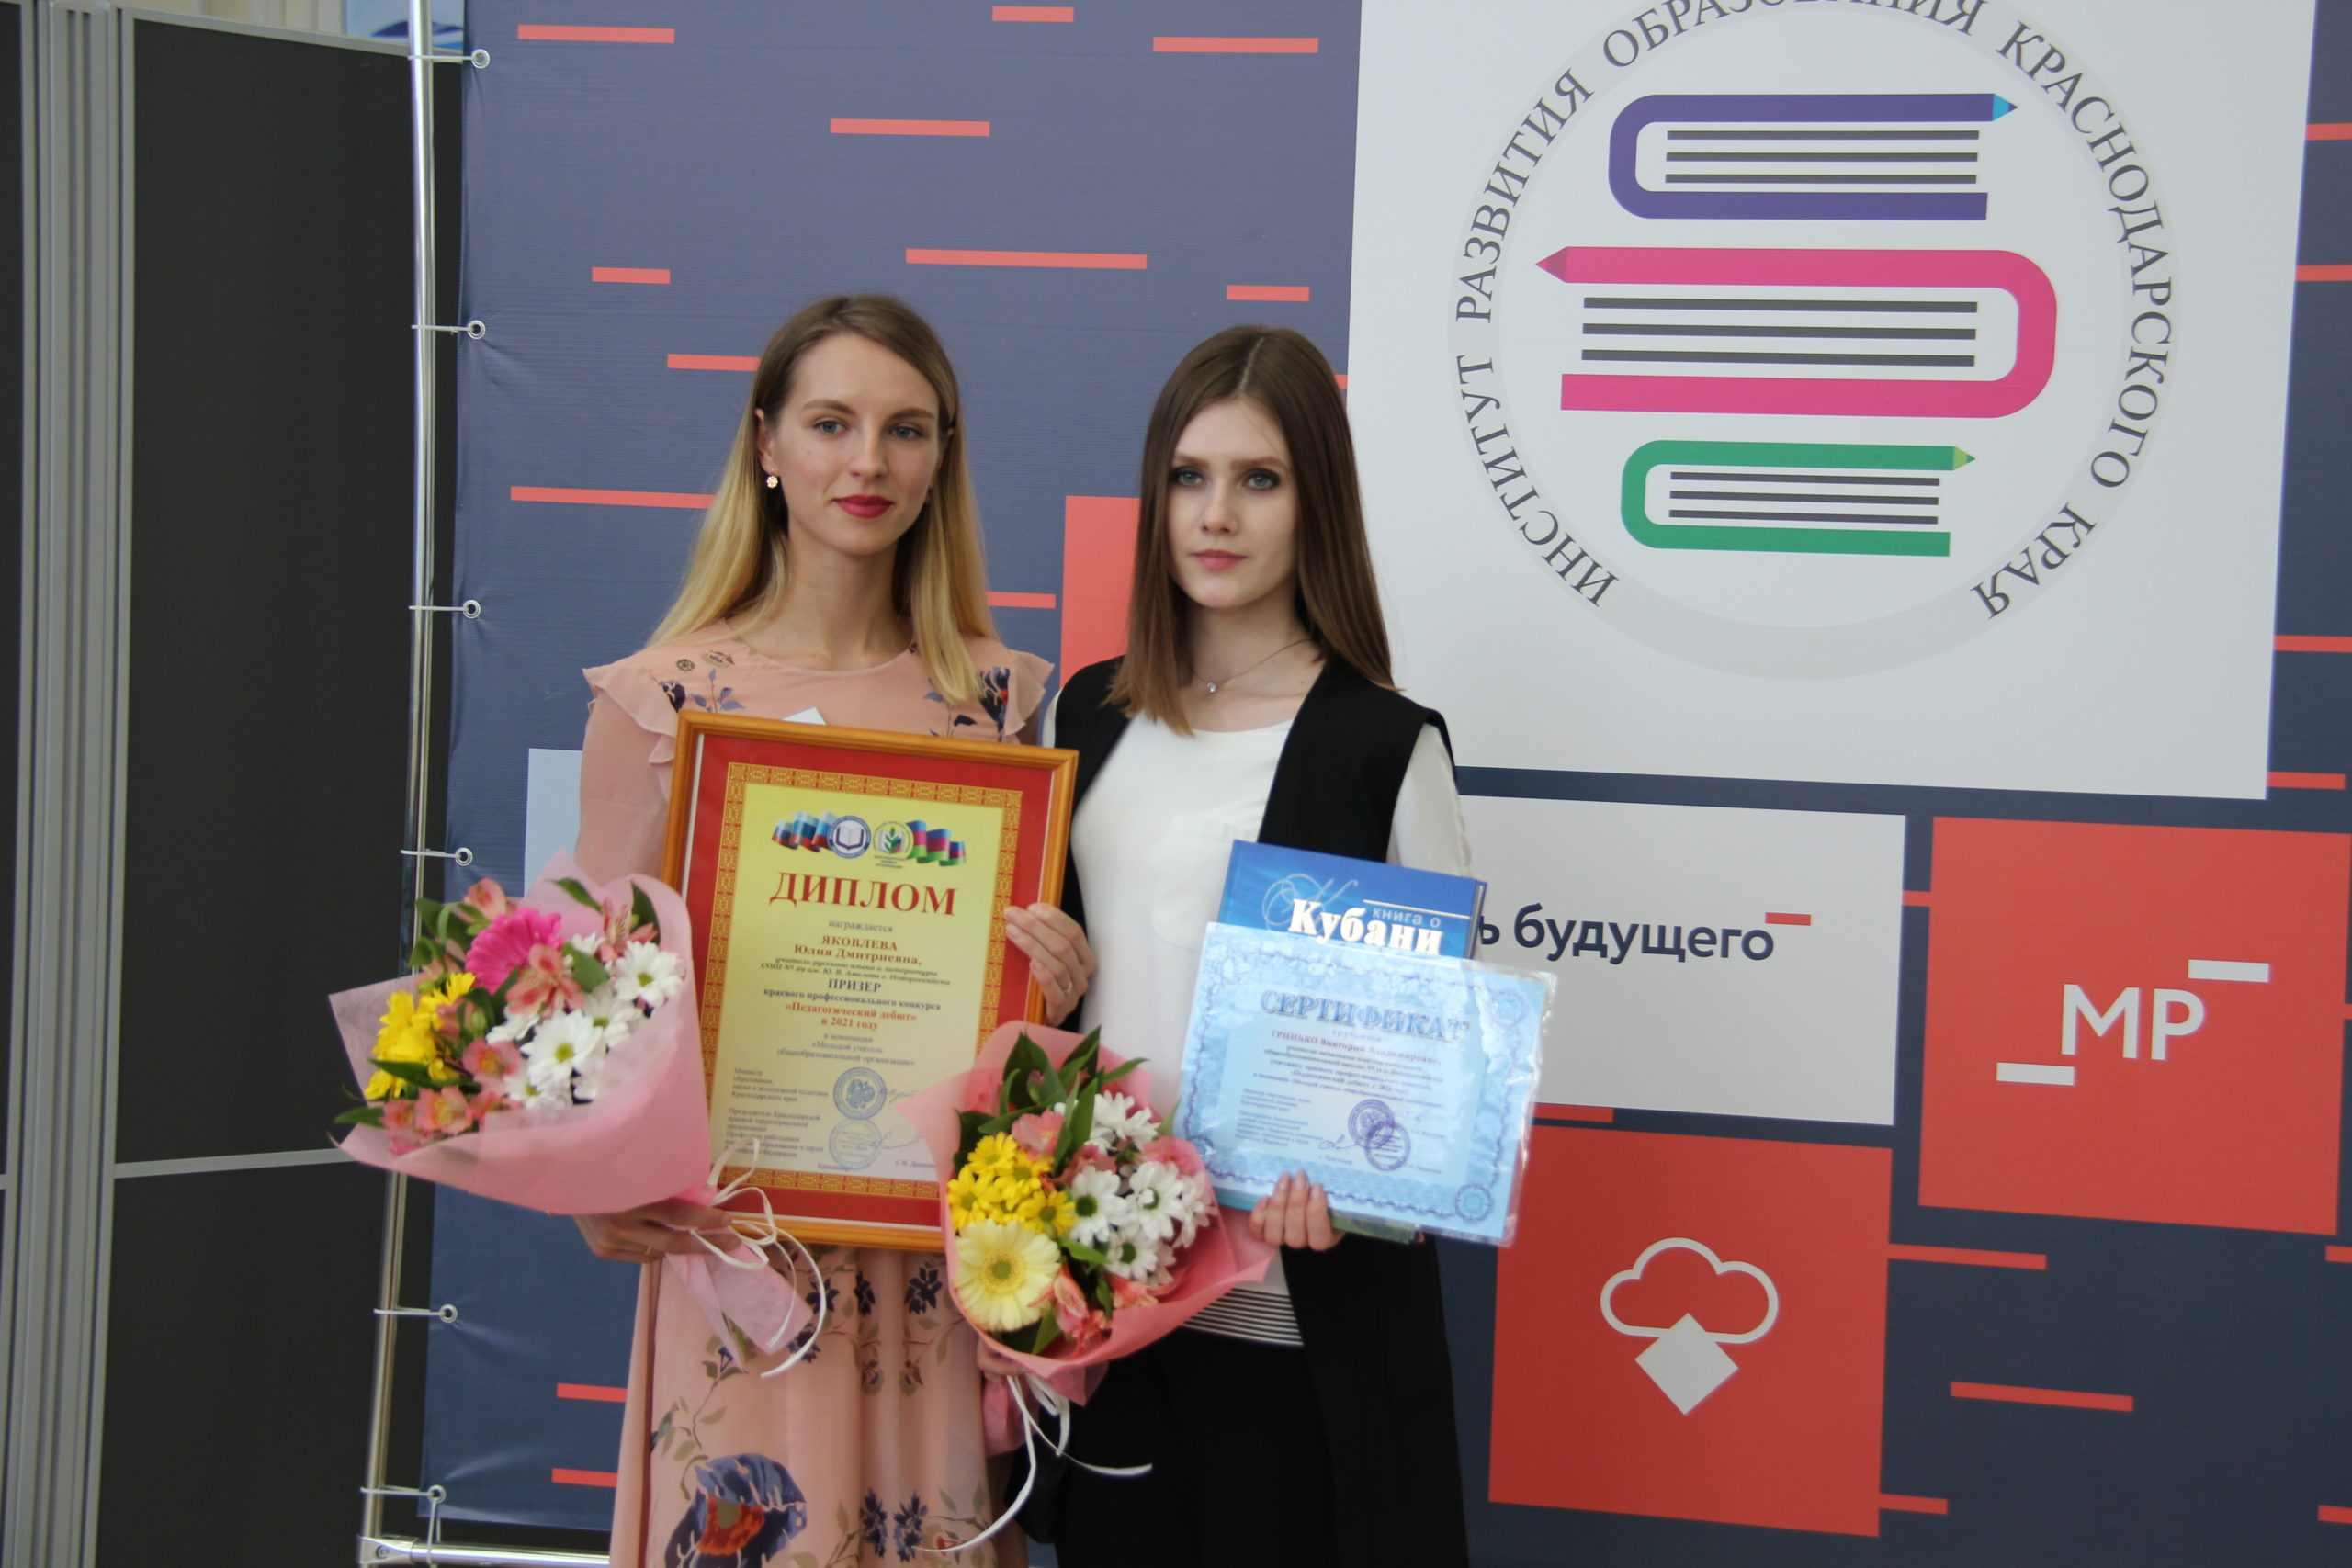 Учительница из Новороссийска стала призером престижного профессионального конкурса «Педагогический дебют»